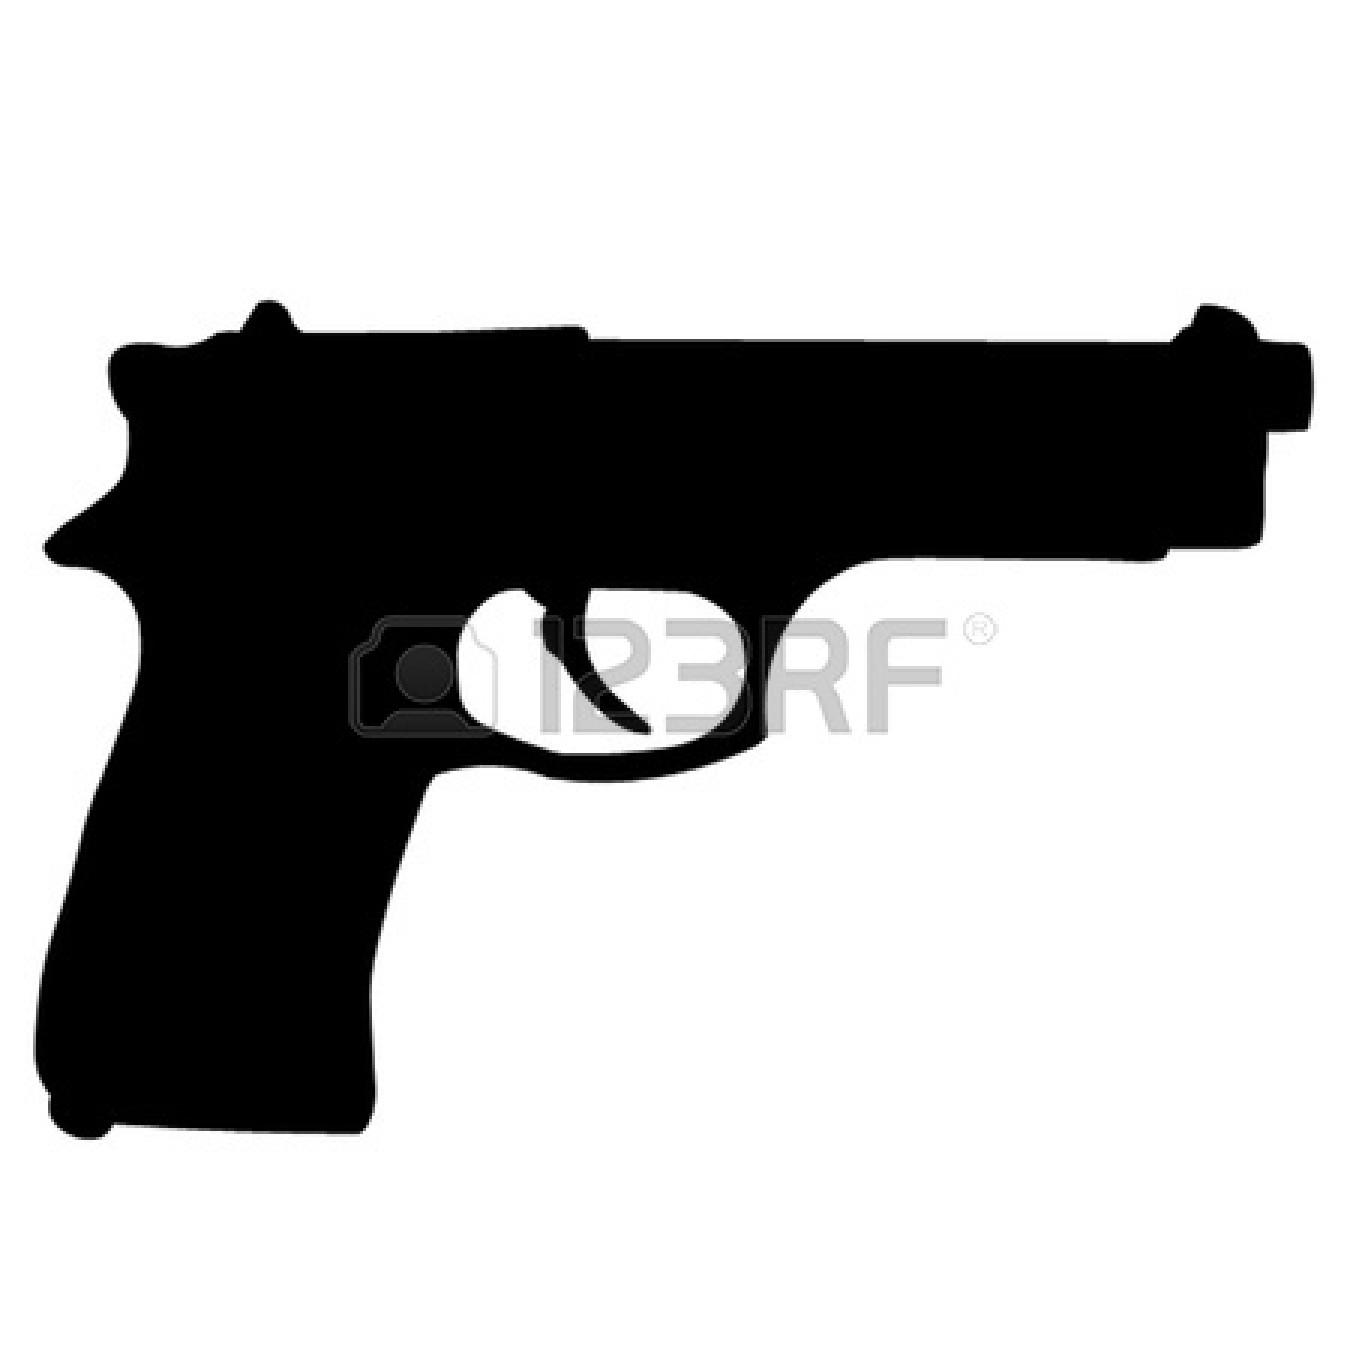 Gun clipart #3, Download drawings